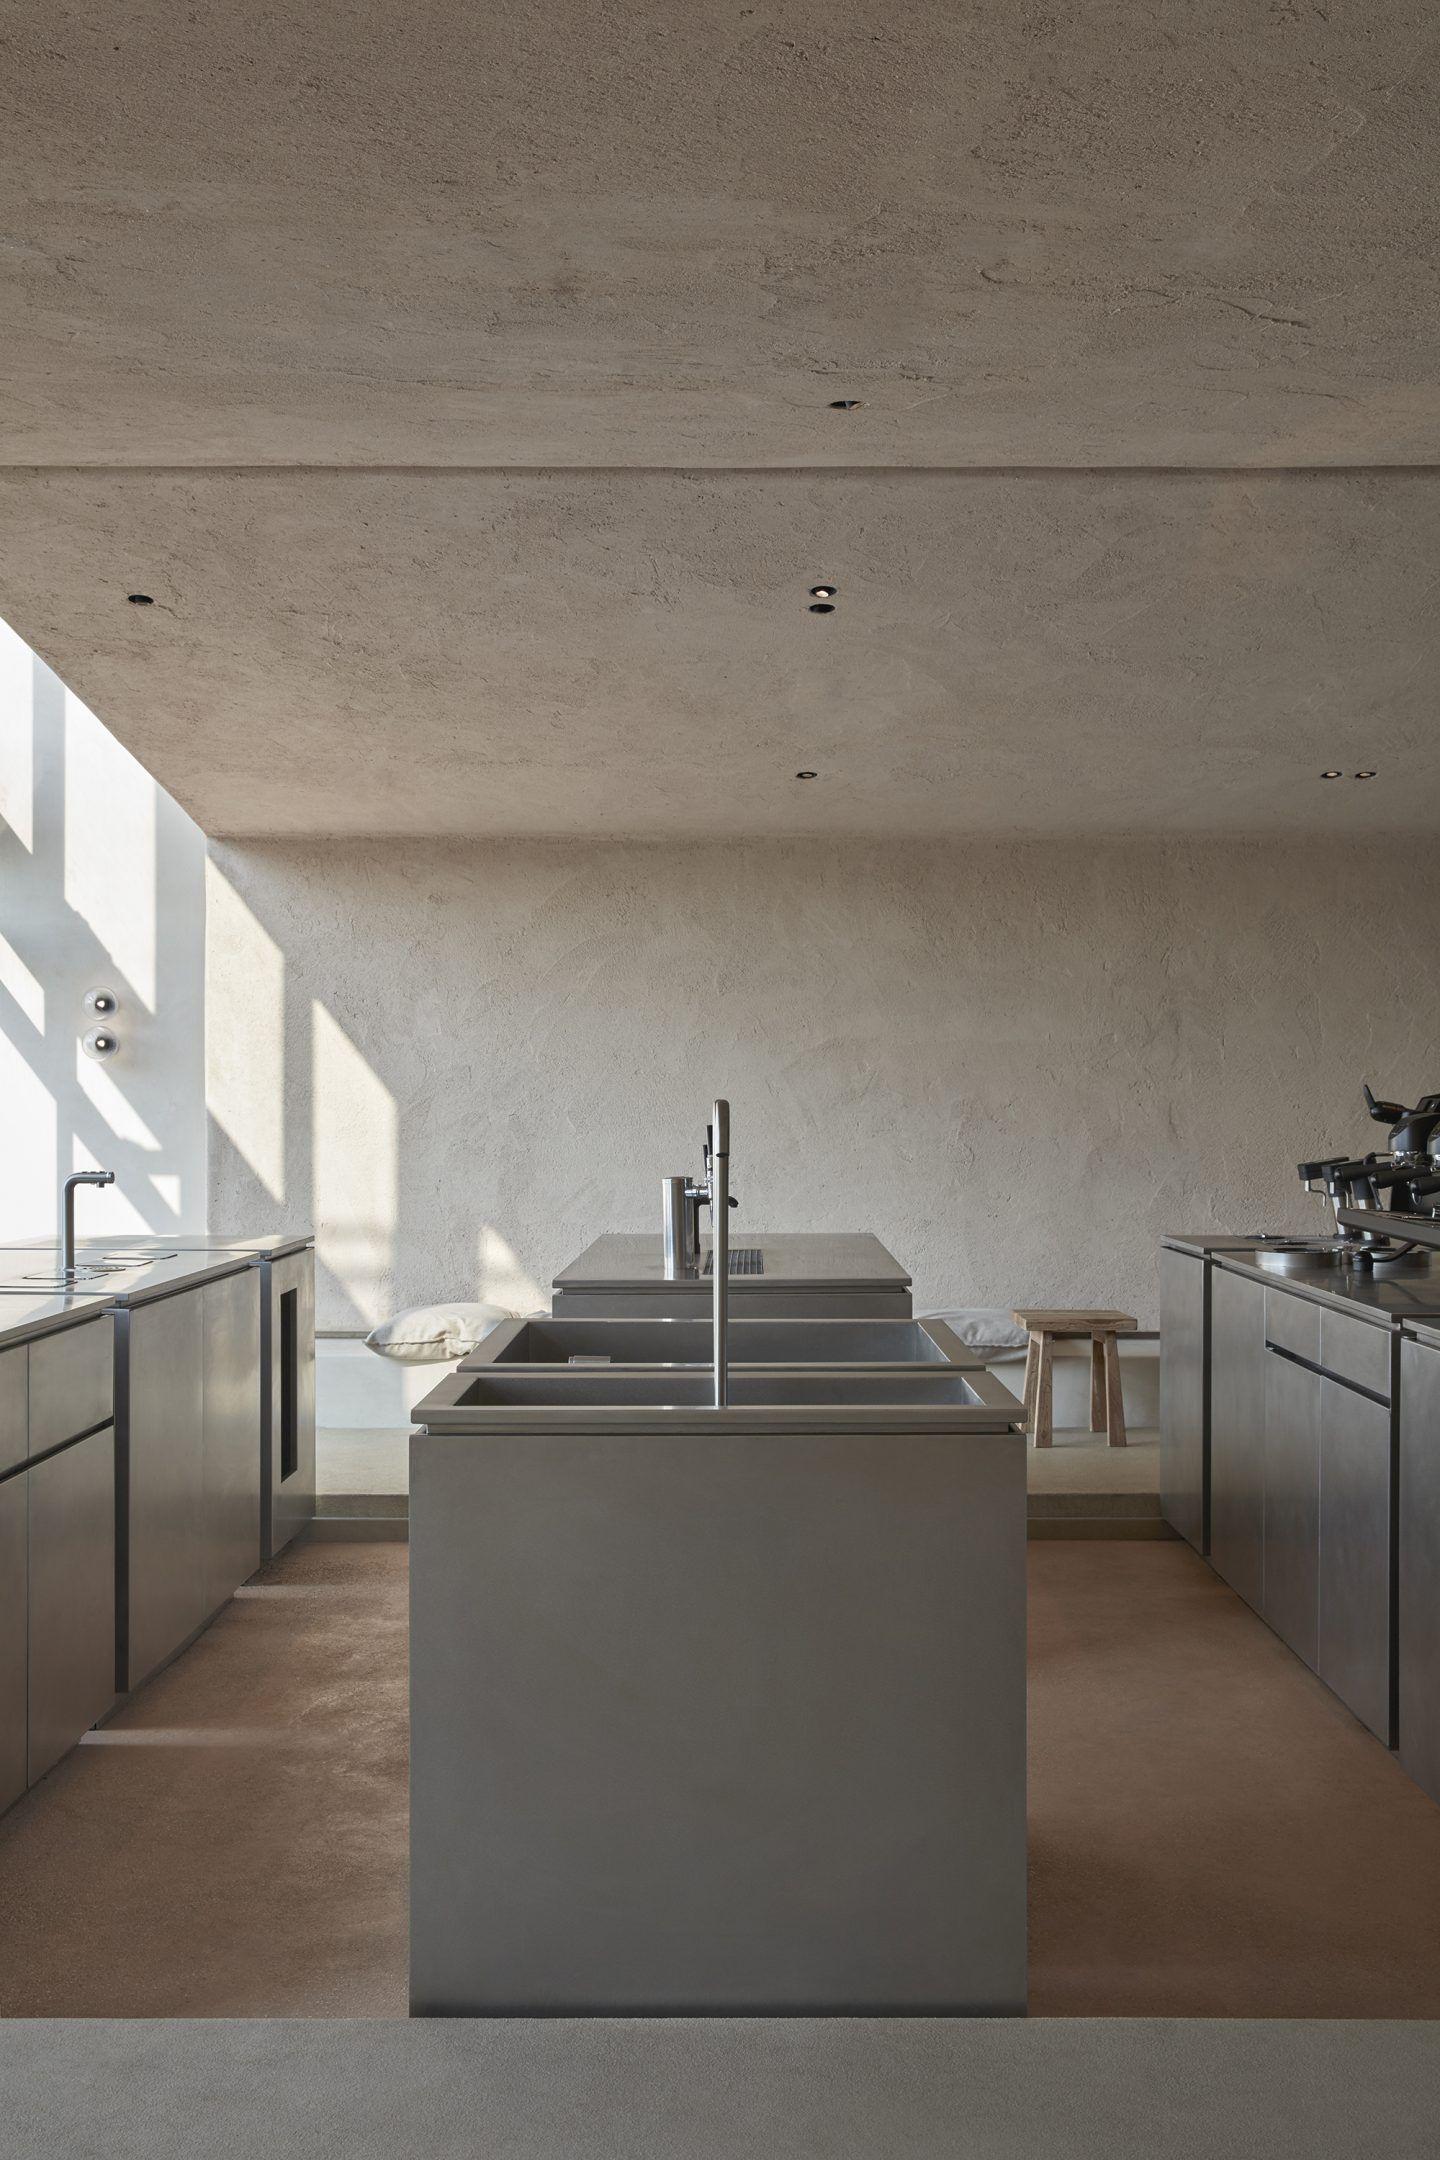 IGNANT-Design-Bone-Hoff-15